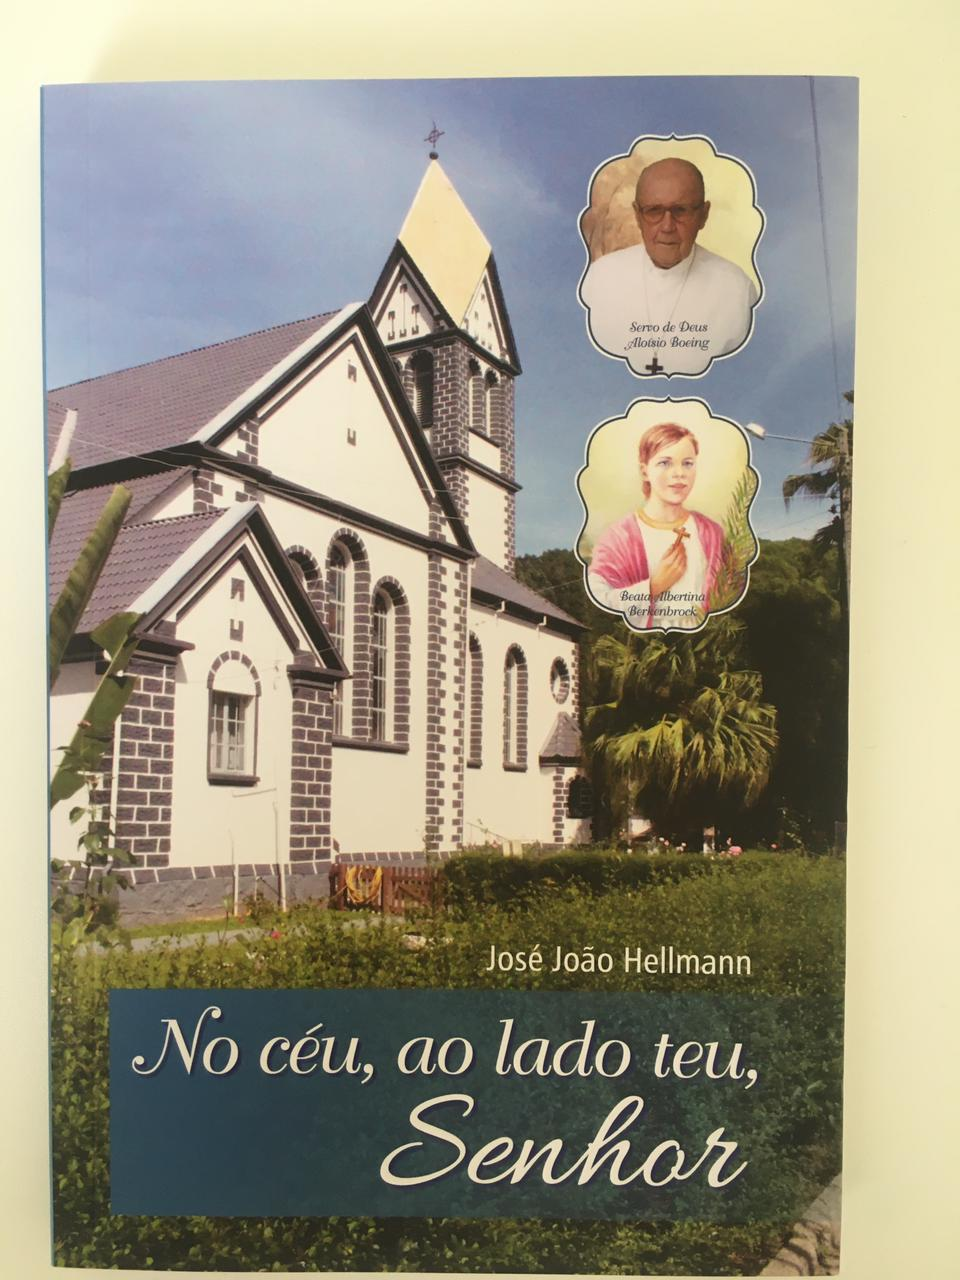 Livro do sobrinho do Padre Aloísio, José João Hellmann, intitulado